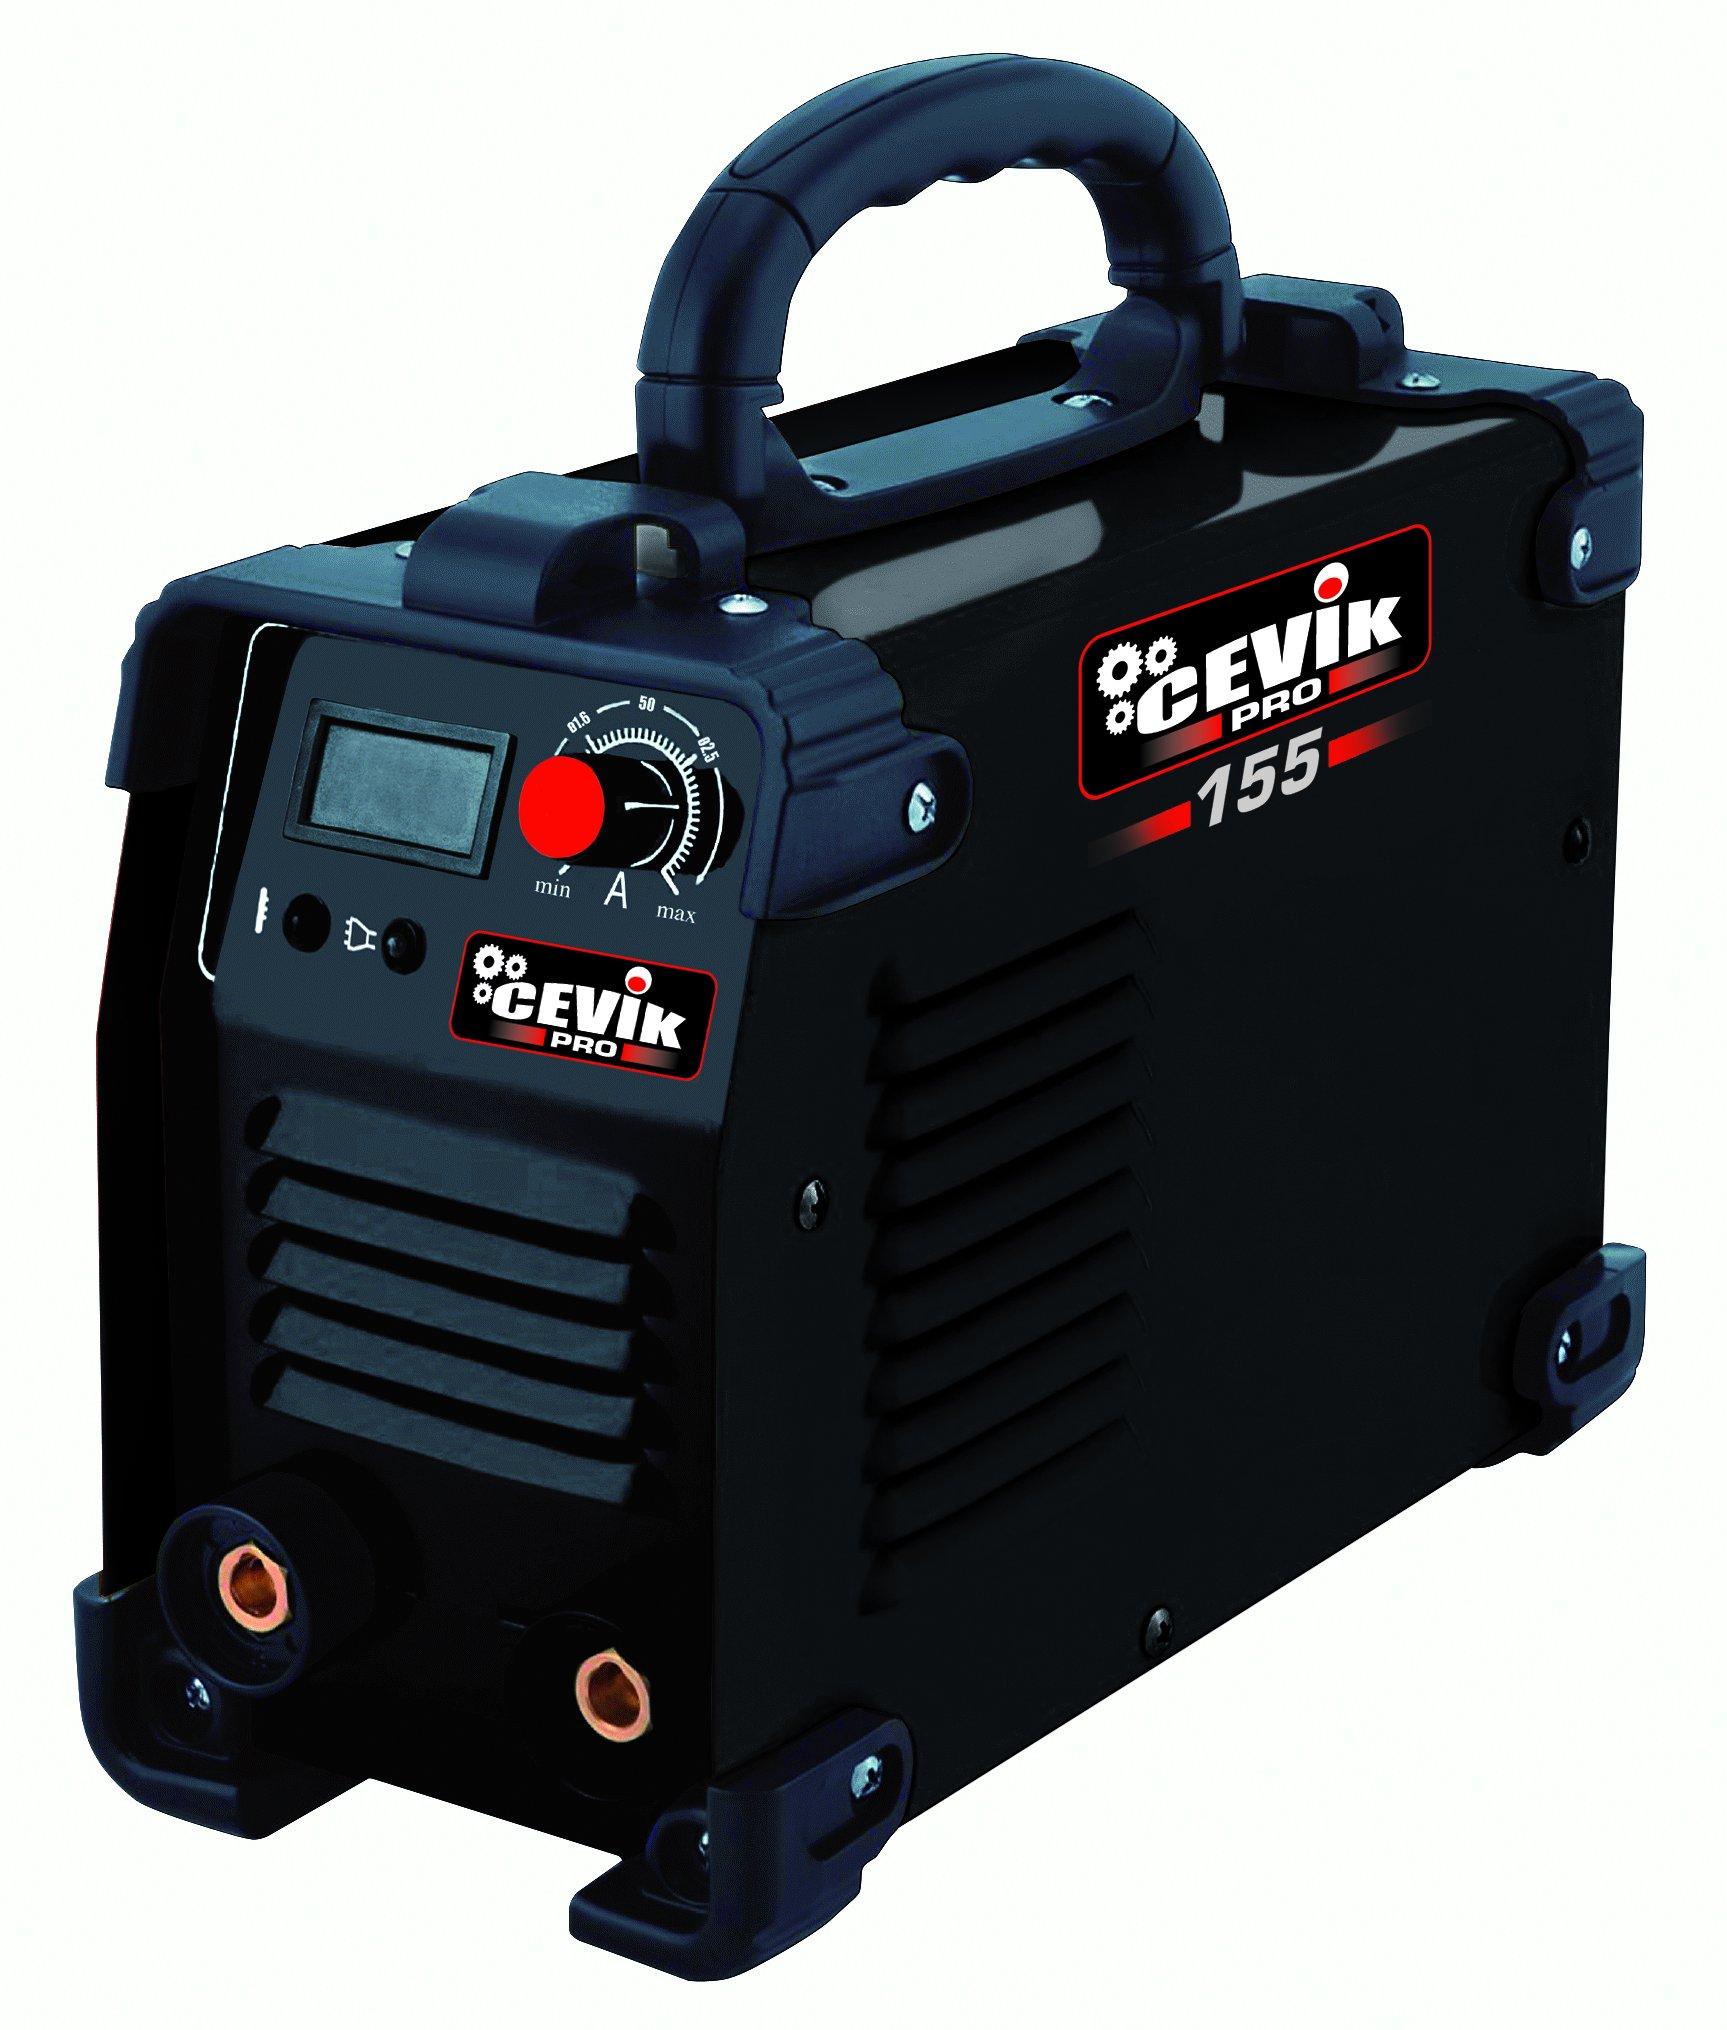 Cevik PRO 155 Equipo de soldadura, 120Amp